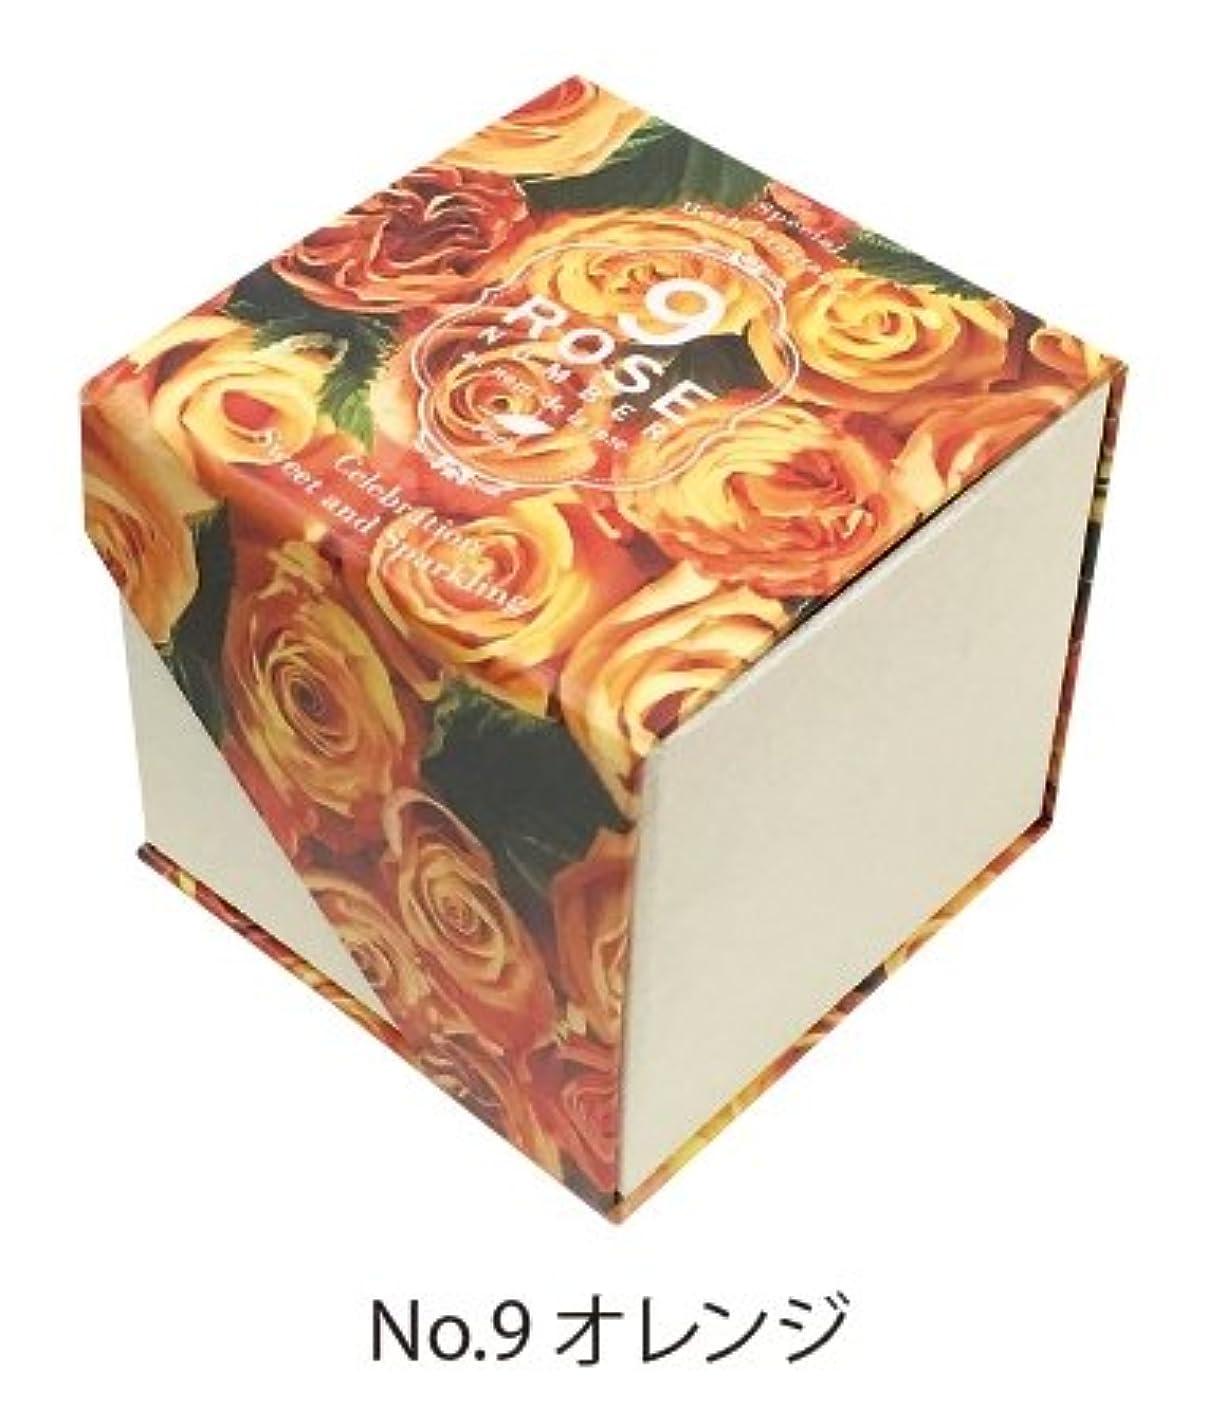 引くそれるヒープ九州フラワーサービス(Kyushu Flower Service) 入浴剤 77280